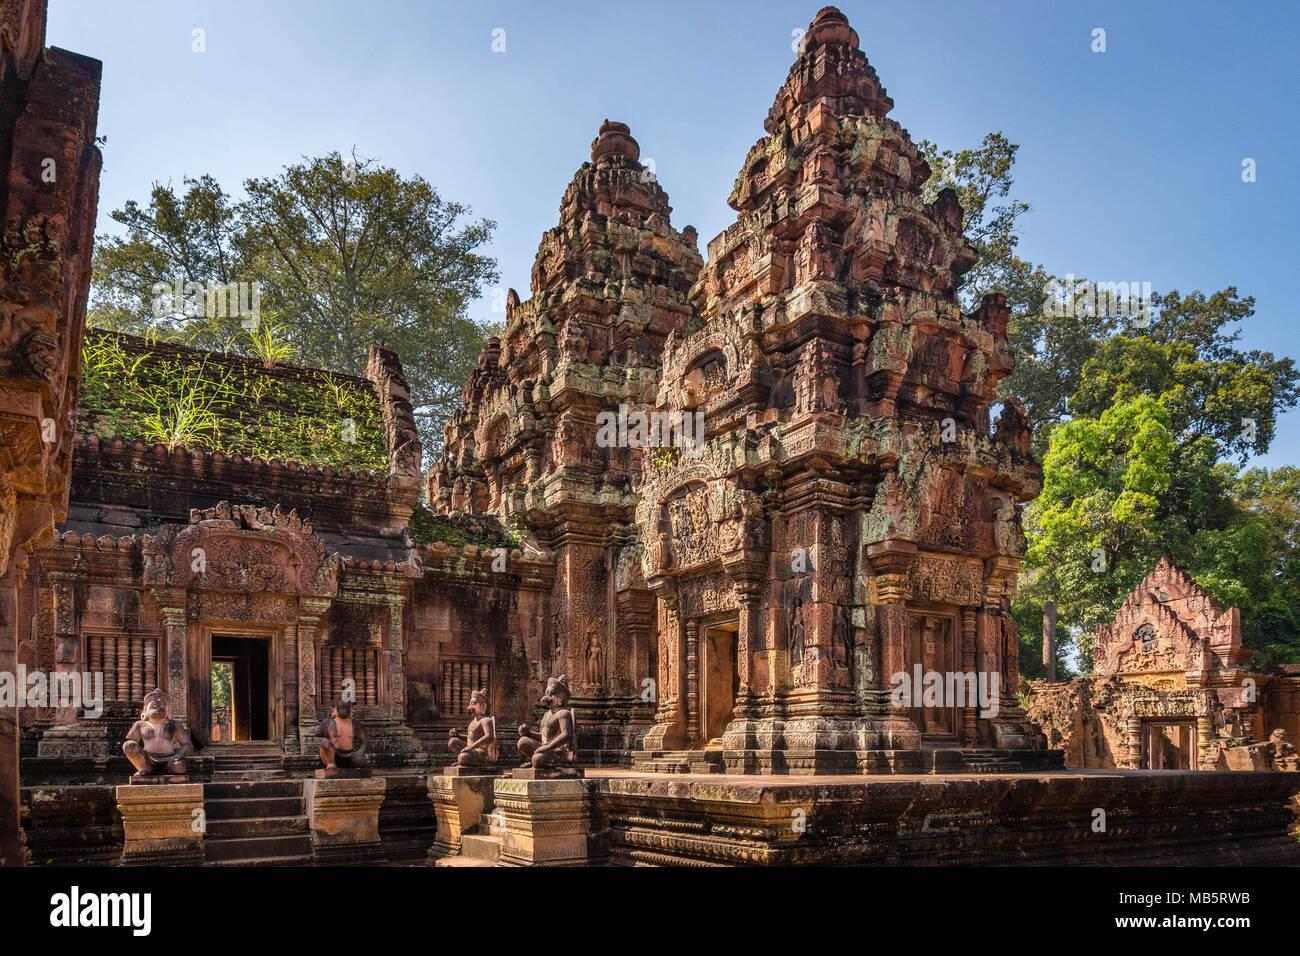 """Banteay Srei, aussi appelée la """"dame temple', date de 967 de notre ère, et est dédié à Shiva, le dieu Hindou à Siem Reap (Cambodge). Photo Stock"""